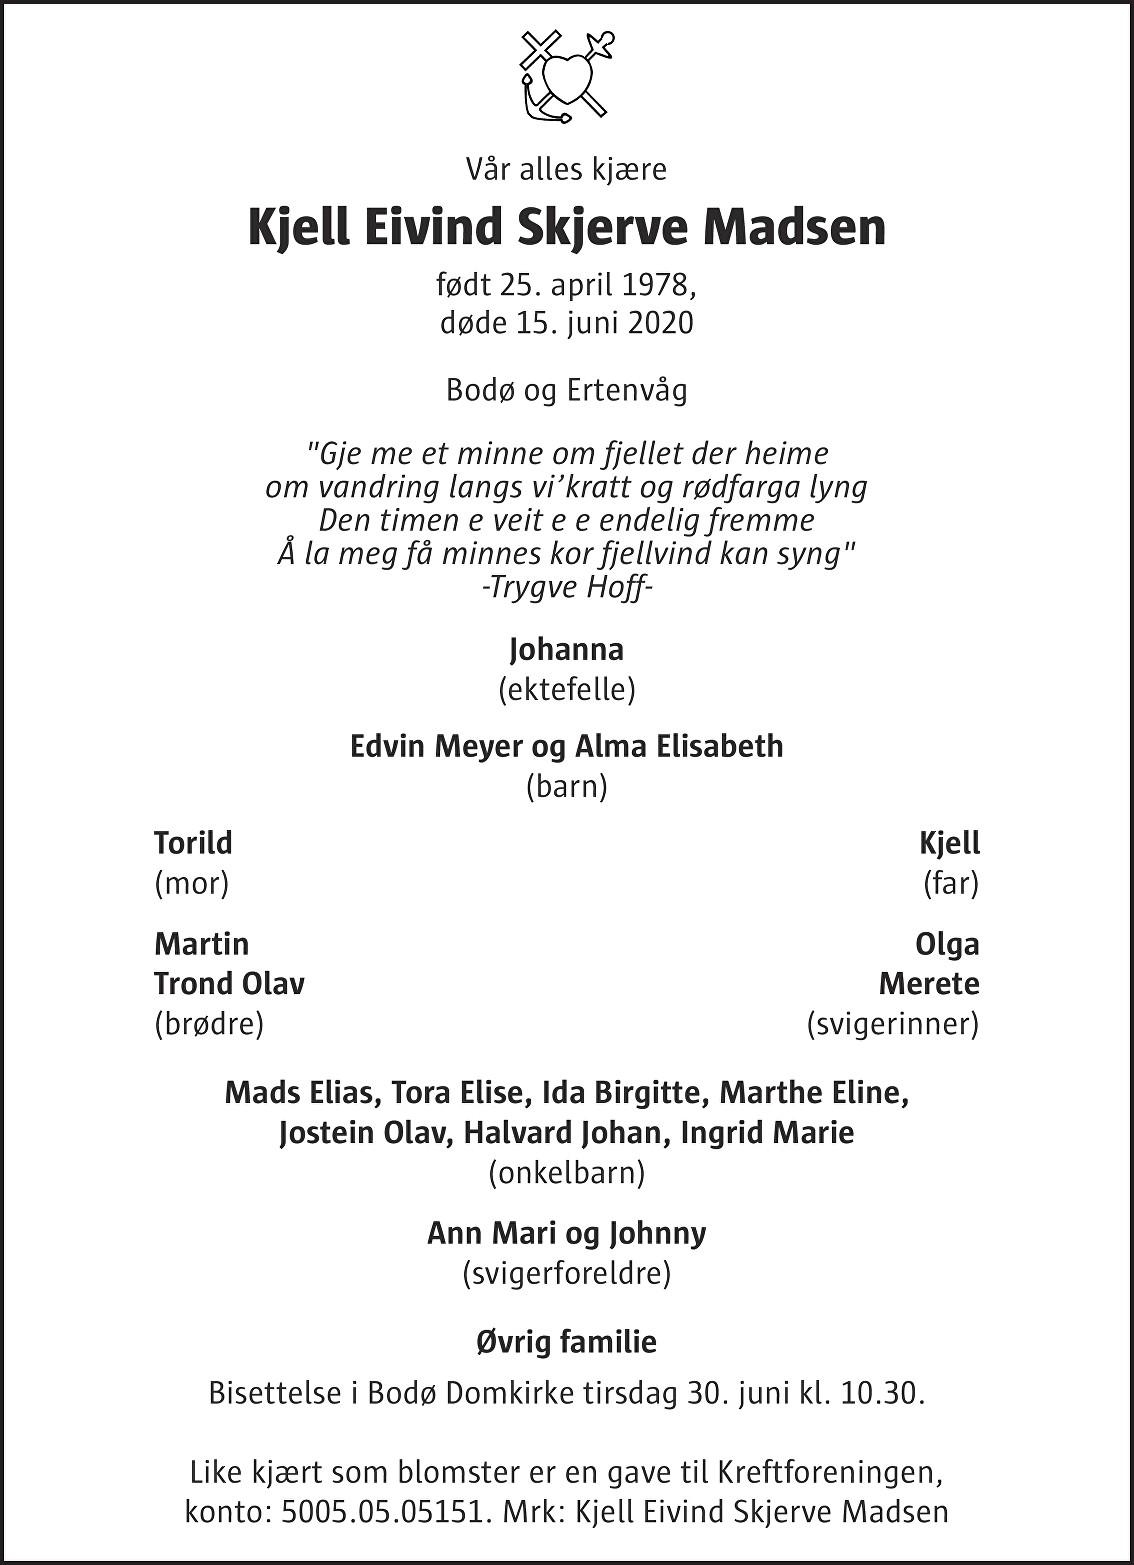 Kjell Eivind Skjerve Madsen Dødsannonse